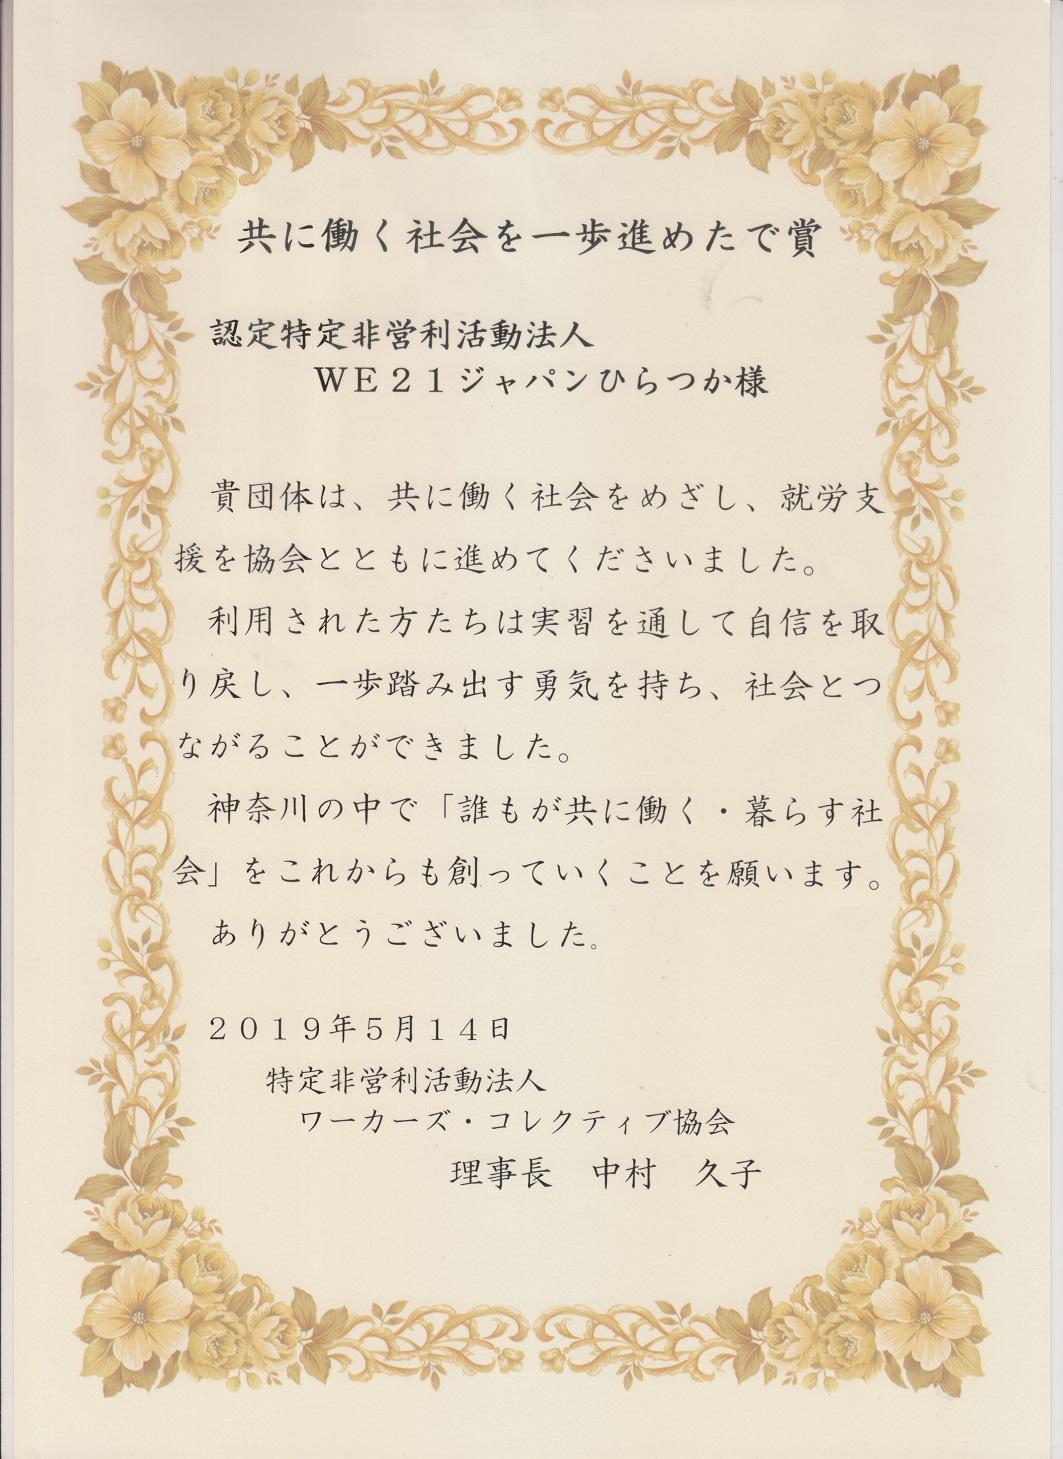 ワーコレ協会からの賞状514